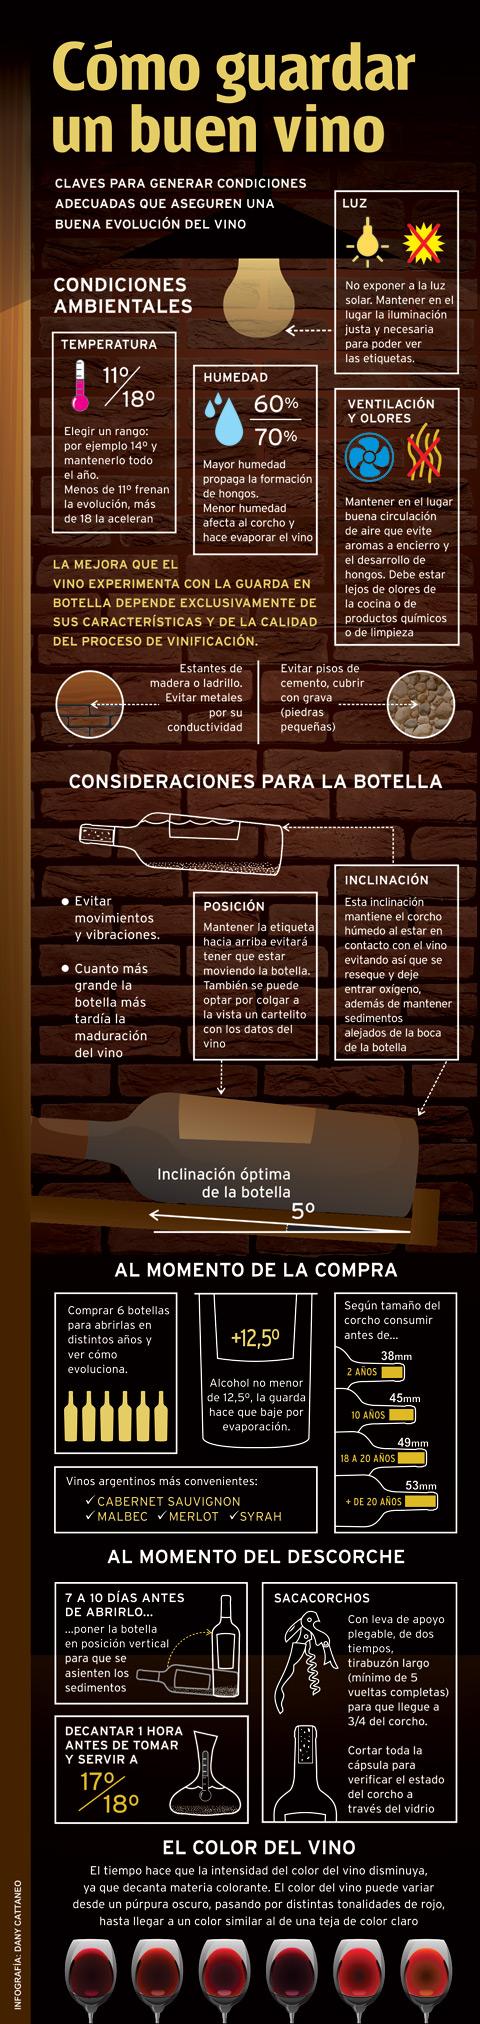 guarda vinos infografia